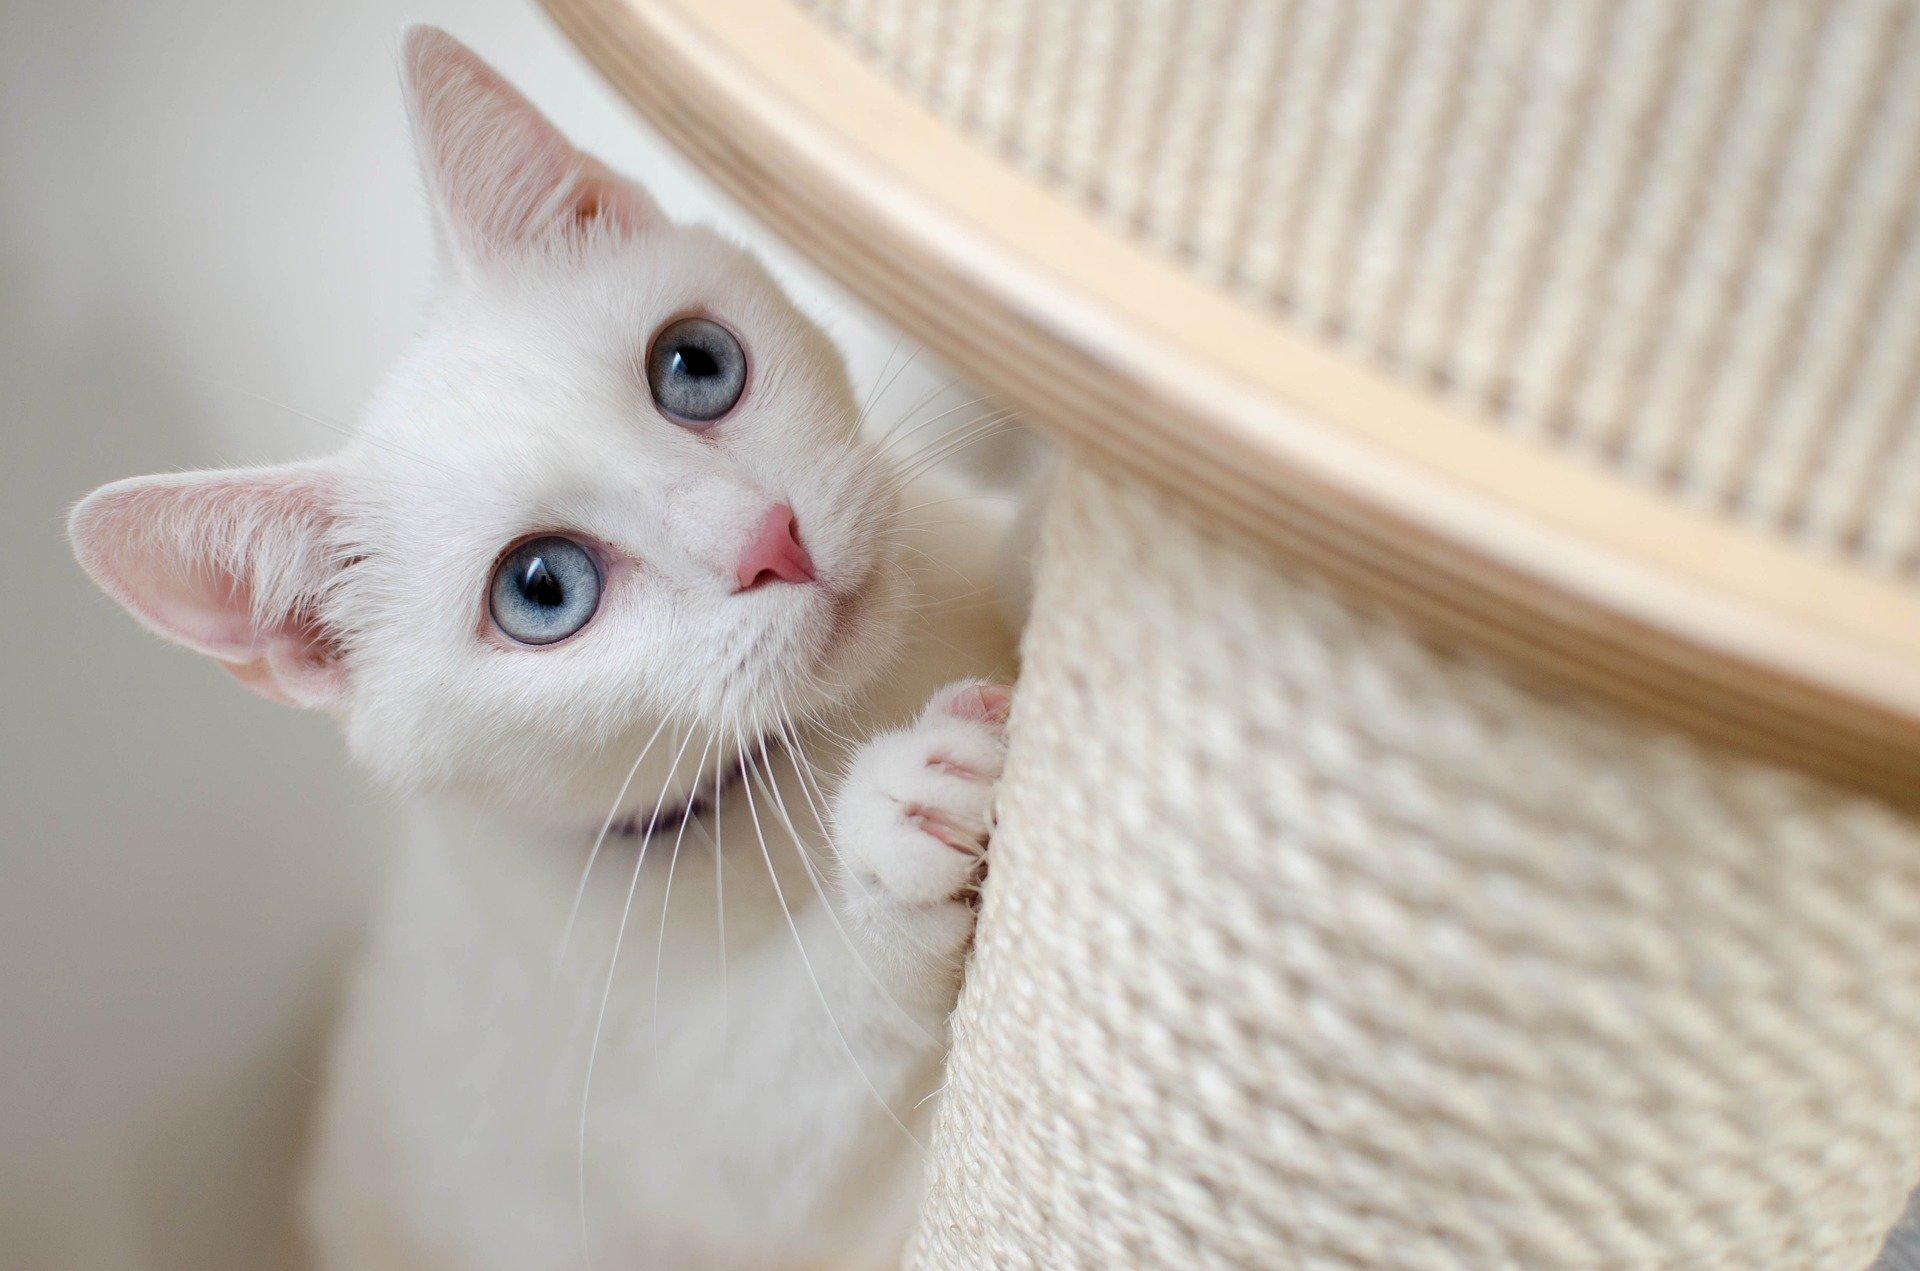 Škrabadlo by mělo ladit s interiérem bytu, ale můžete jej sladit i s barvou kožichu vaší kočky